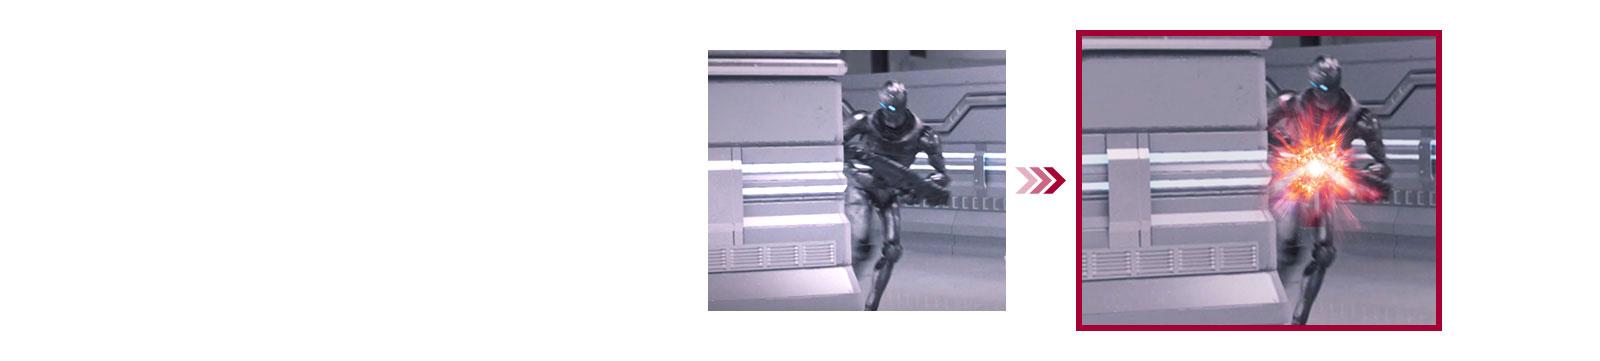 Geleneksel mod ile minimum giriş gecikmesi sunan Dinamik Hareket Senkronizasyonu modu arasında iki oyun sahnesinin karşılaştırması